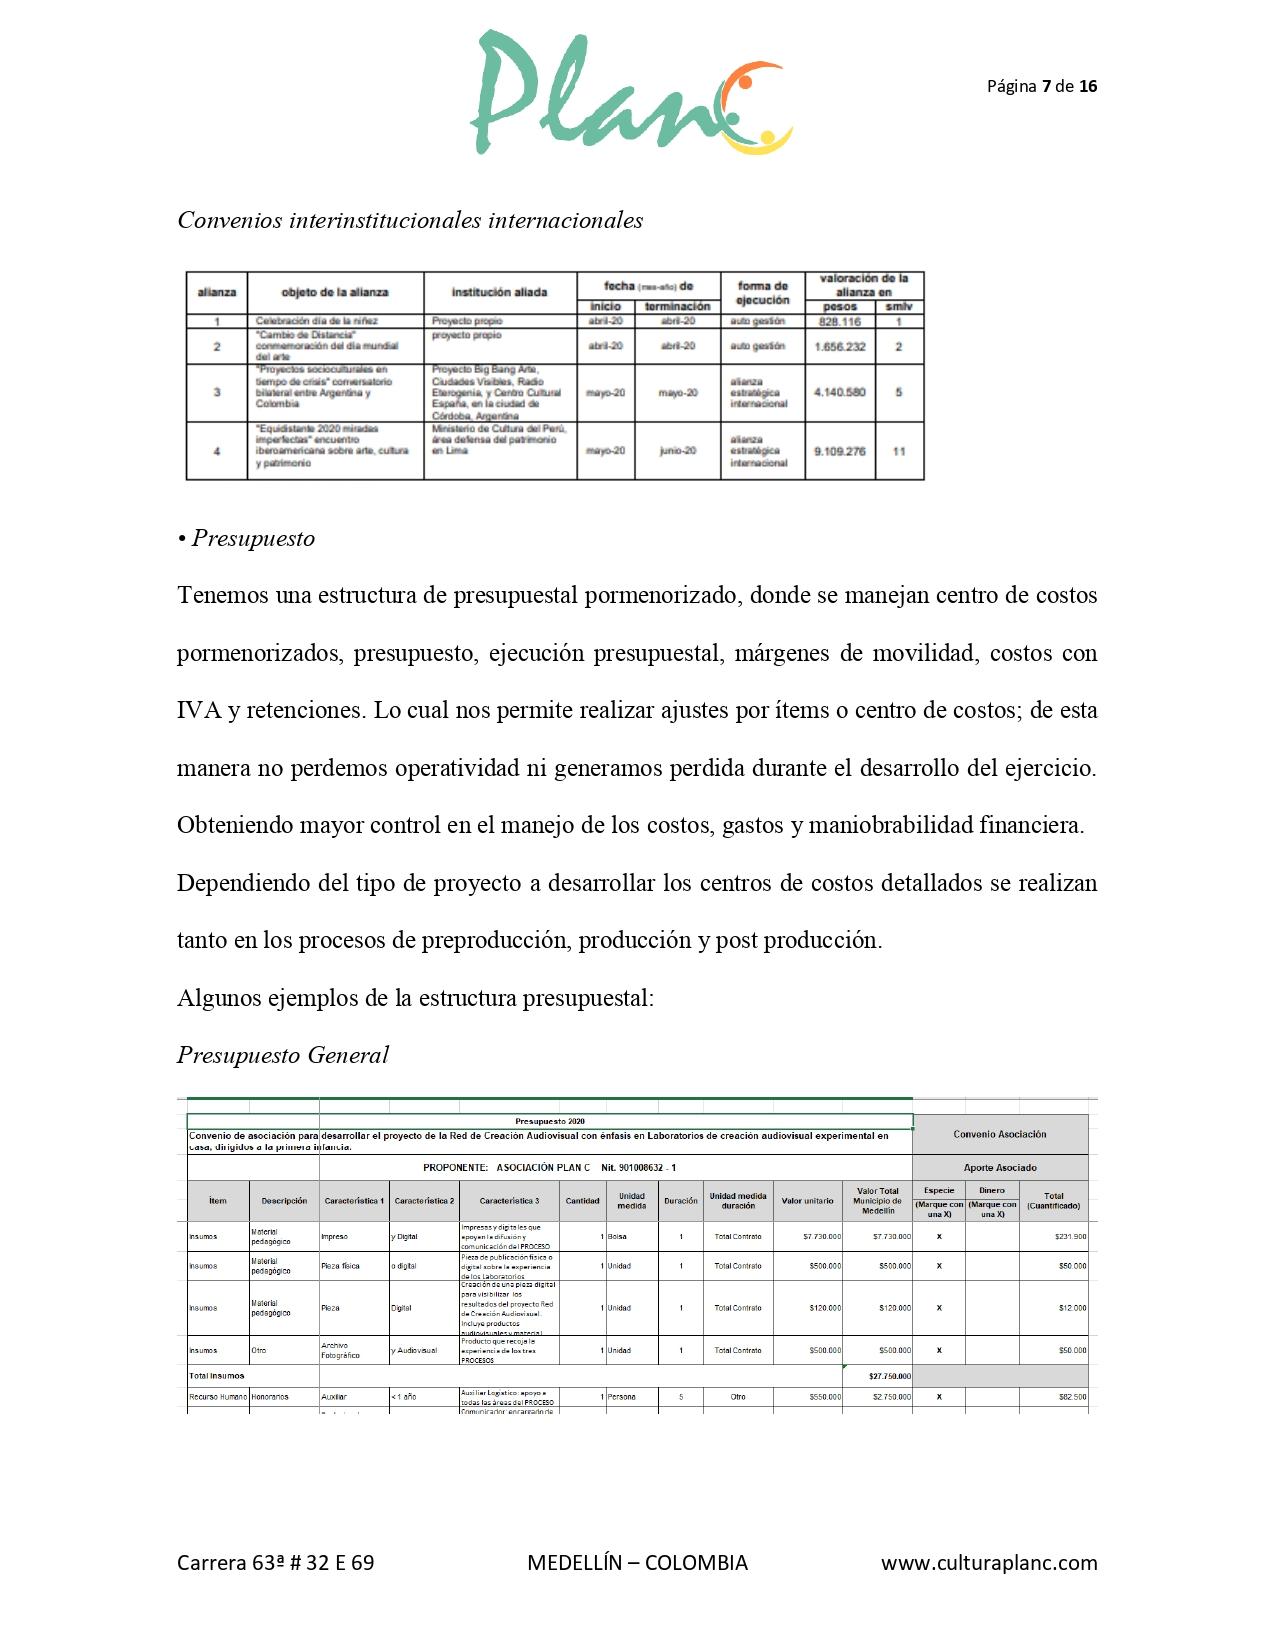 Informe de Gestión Global (1)-páginas-7